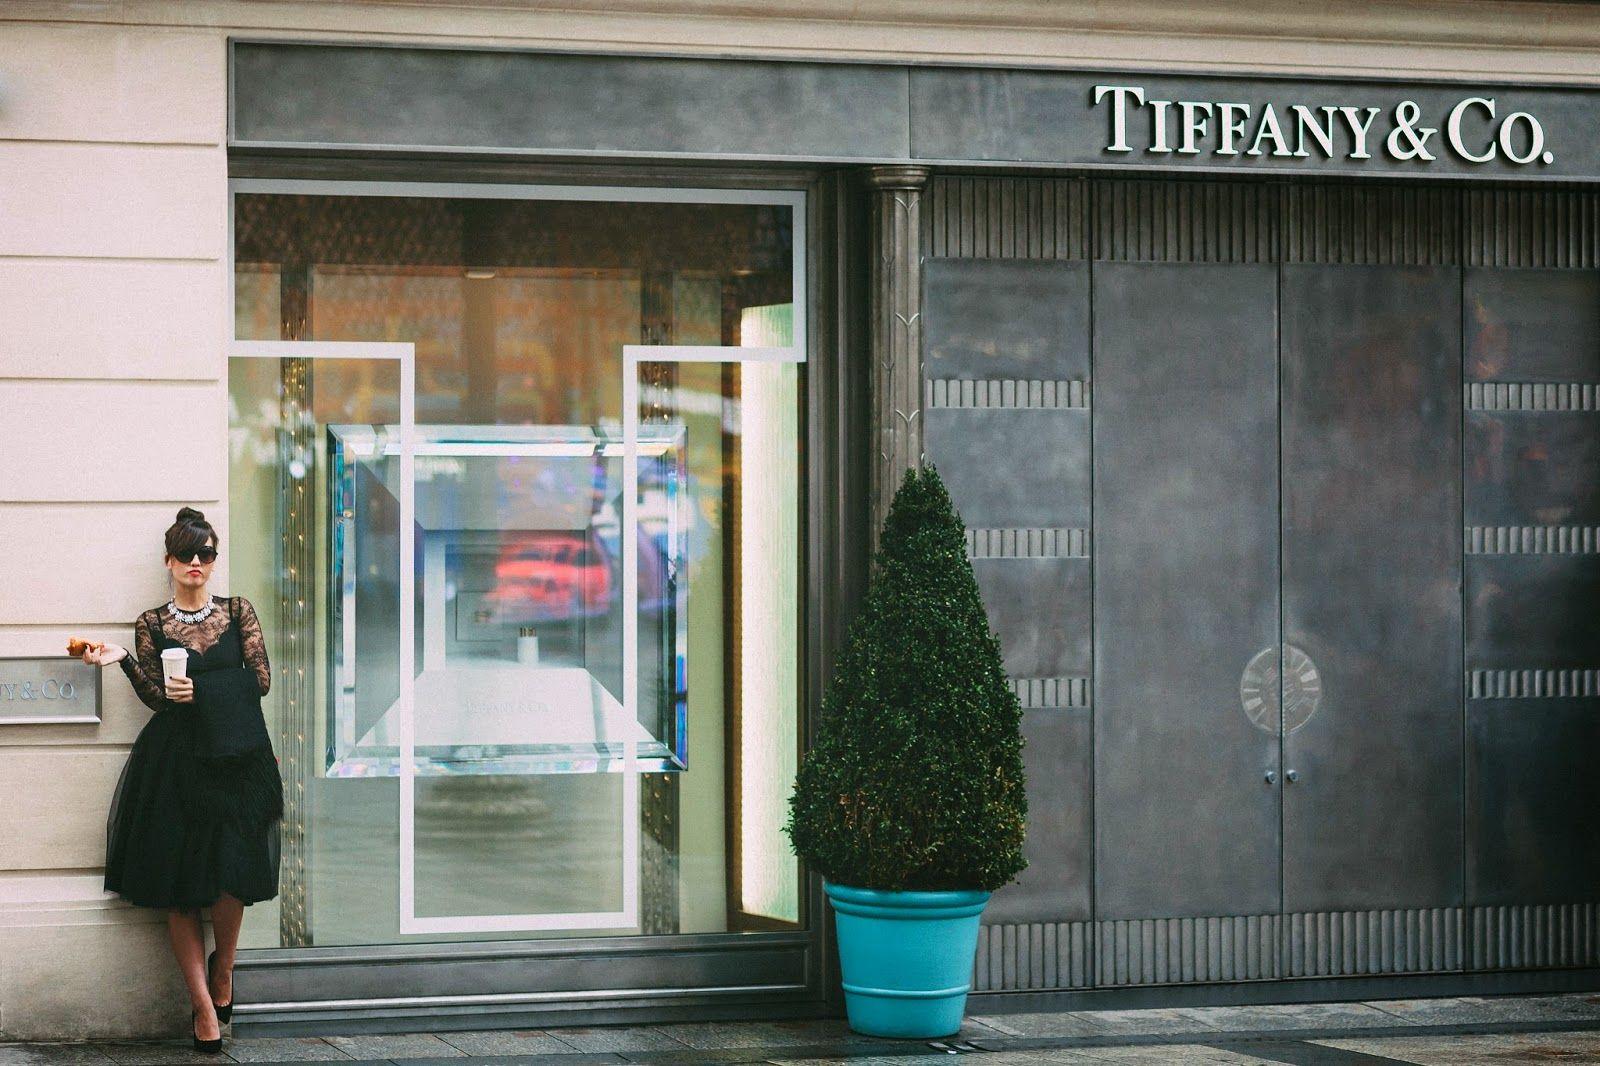 Breaakfast at Tiffany's